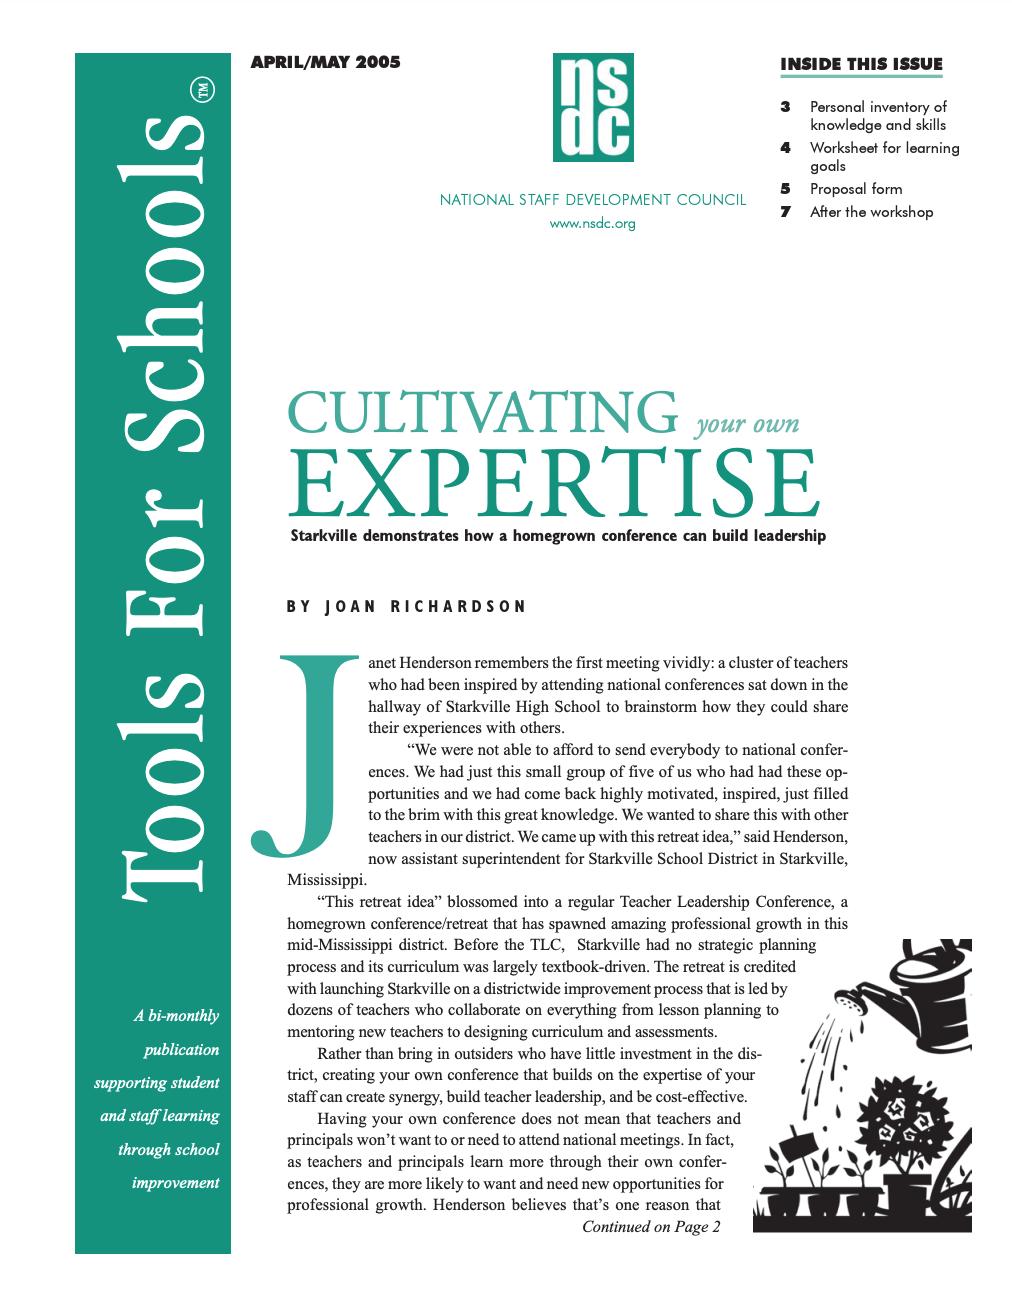 tools-for-schools-april-may-2005-vol-8-no-5